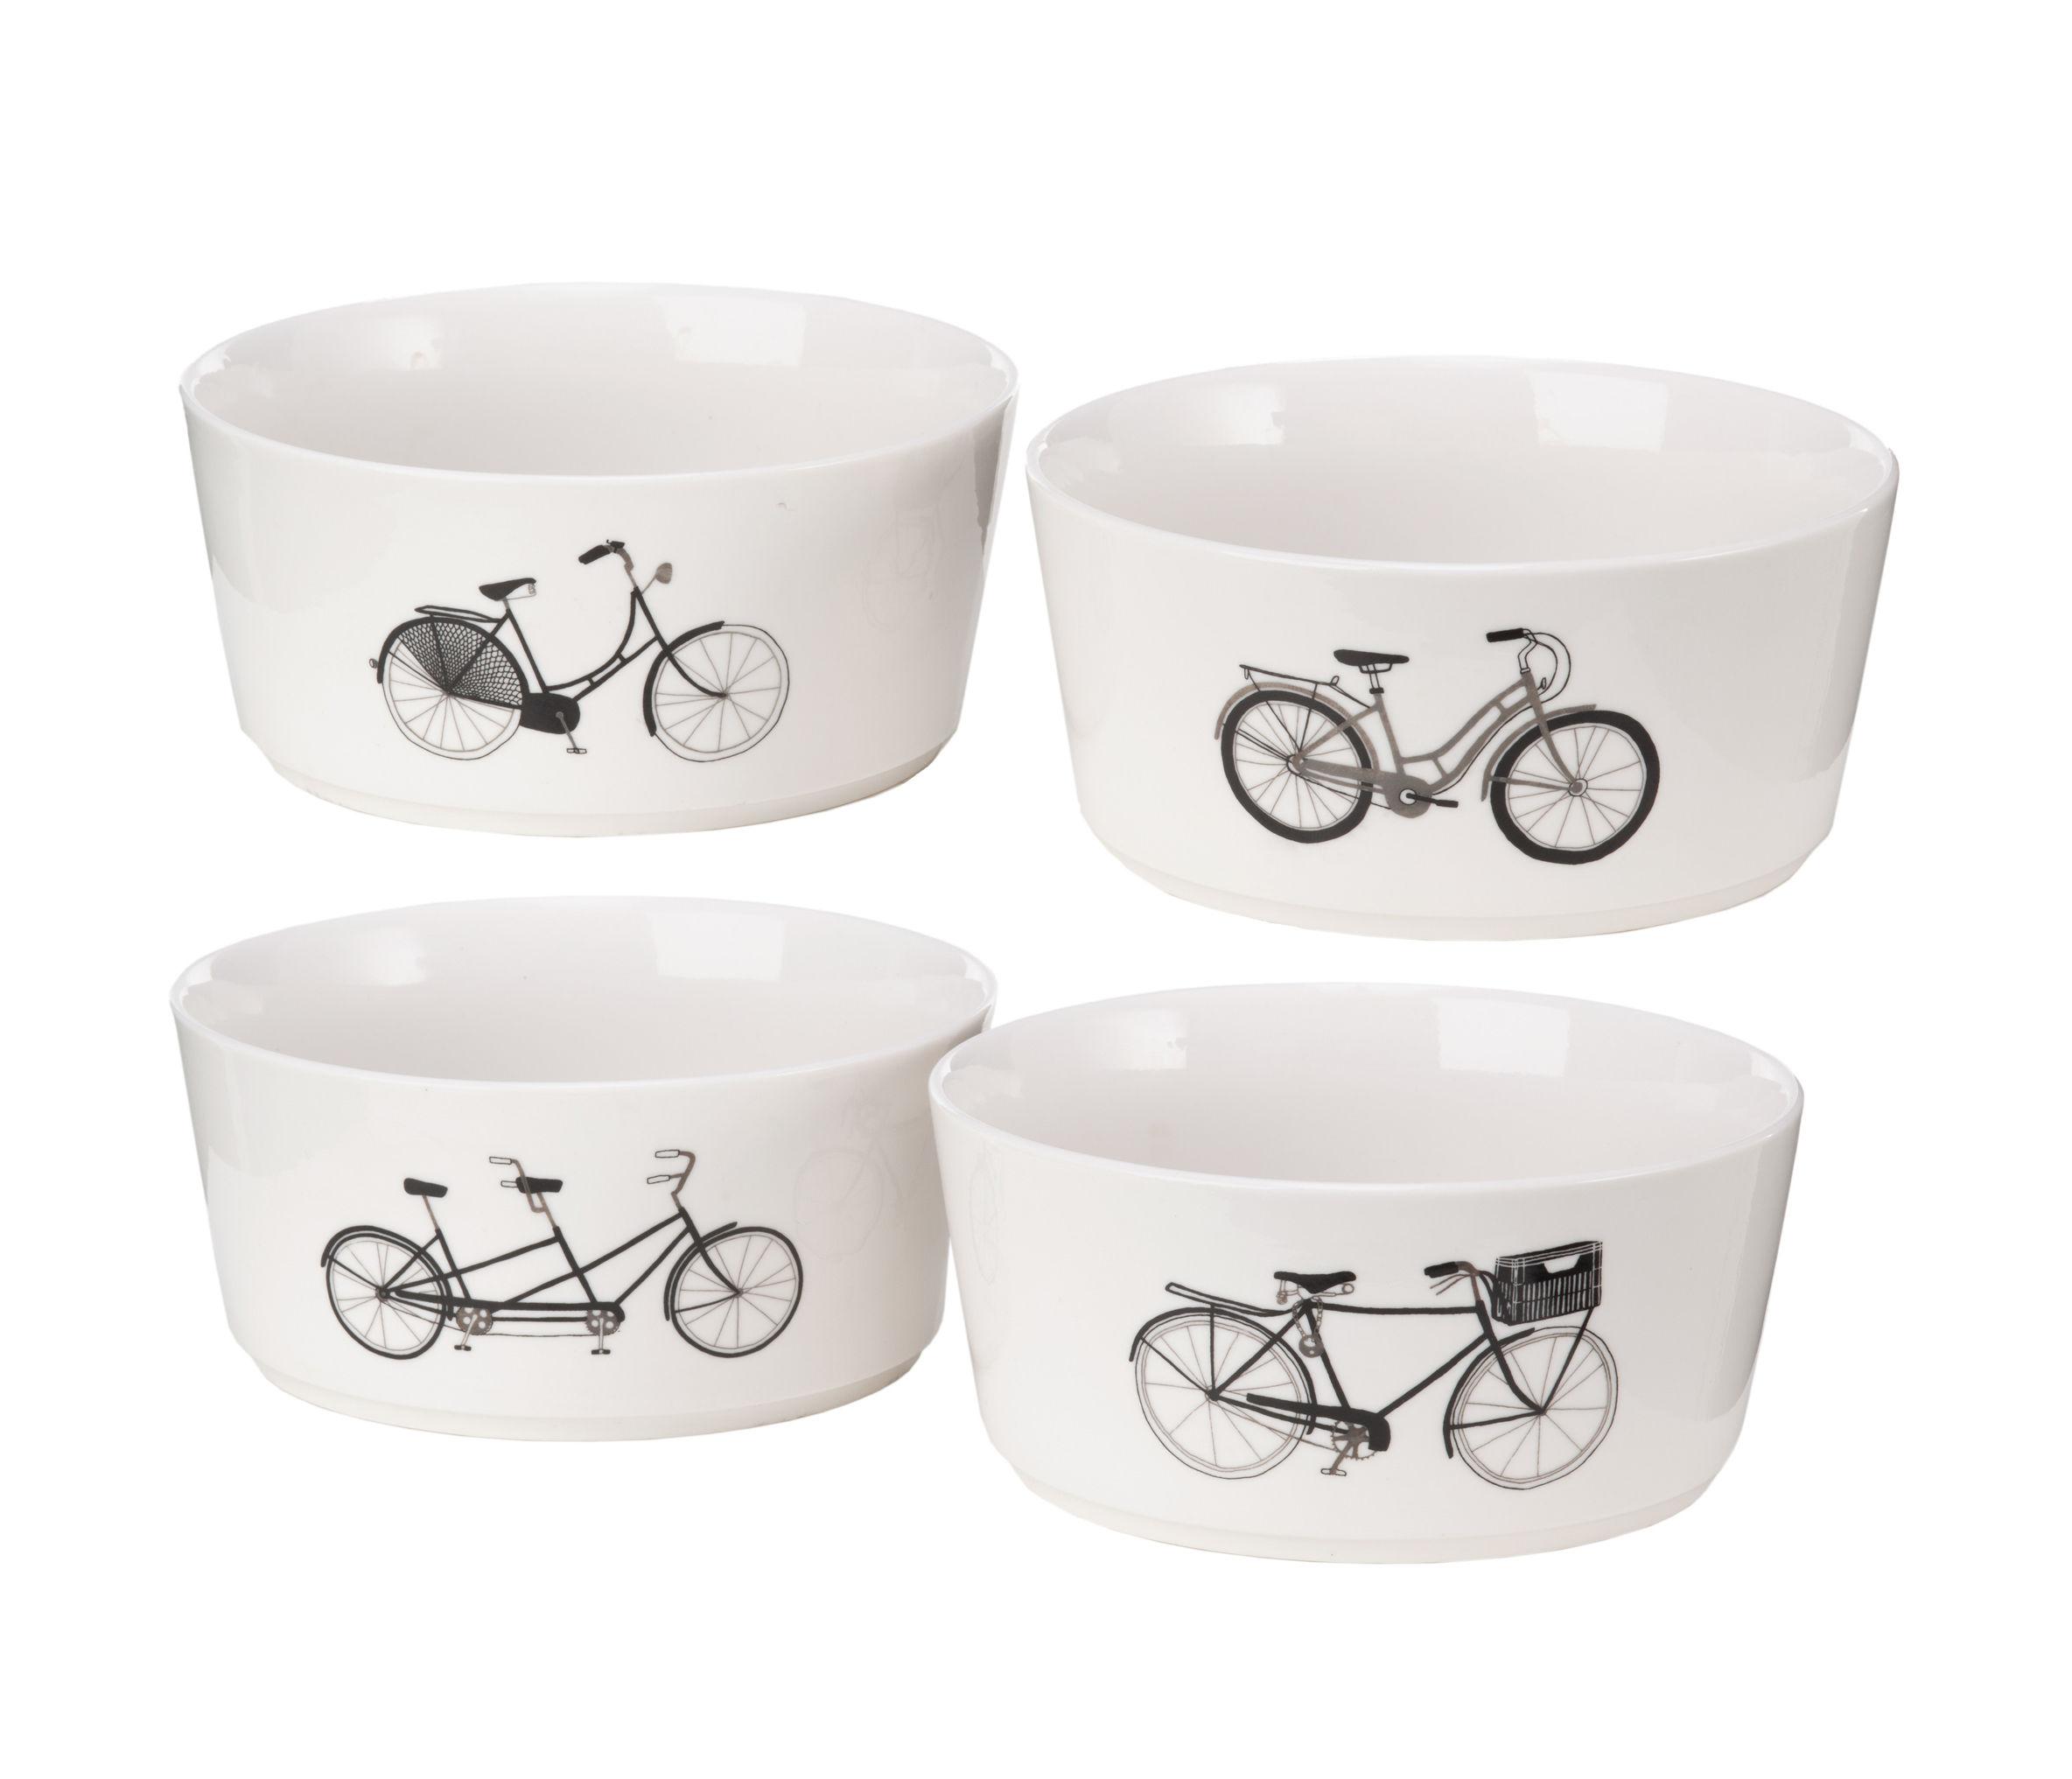 Arts de la table - Saladiers, coupes et bols - Bol Bikes / Set de 4 - Porcelaine - Pols Potten - Noir, blanc & argent - Porcelaine vitrifiée